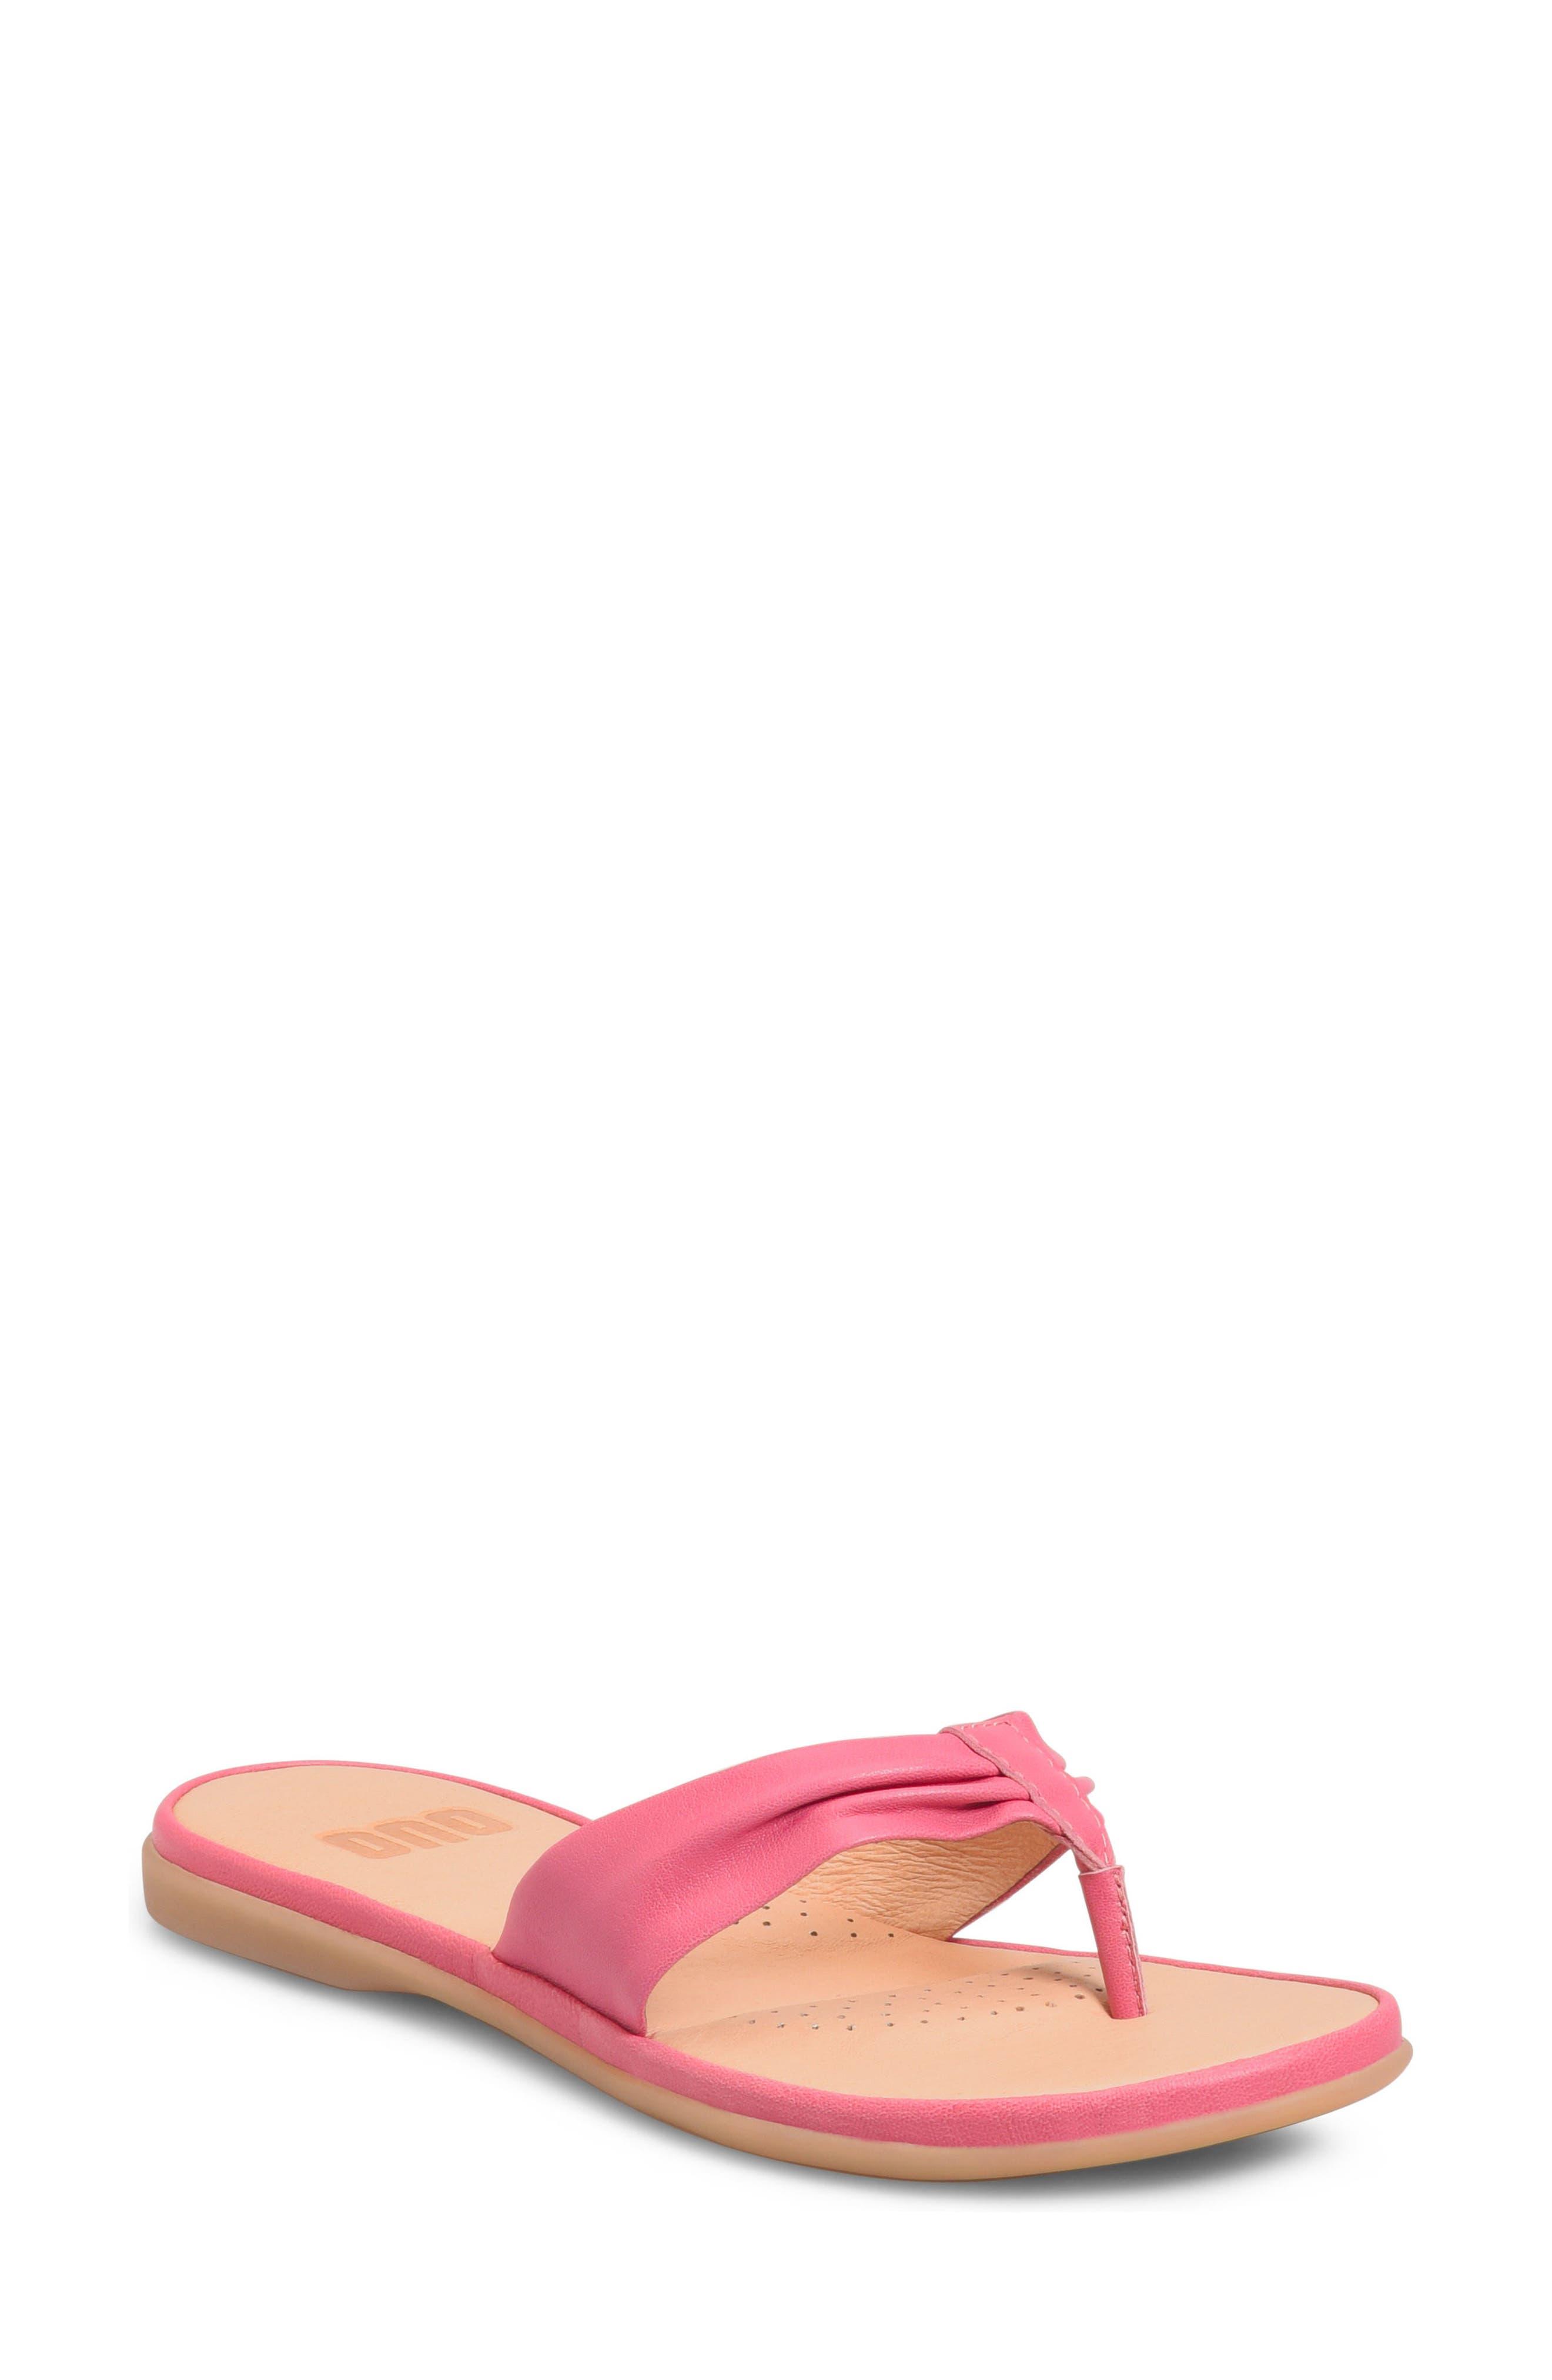 Liv Flip Flop,                         Main,                         color, Dark Pink Leather